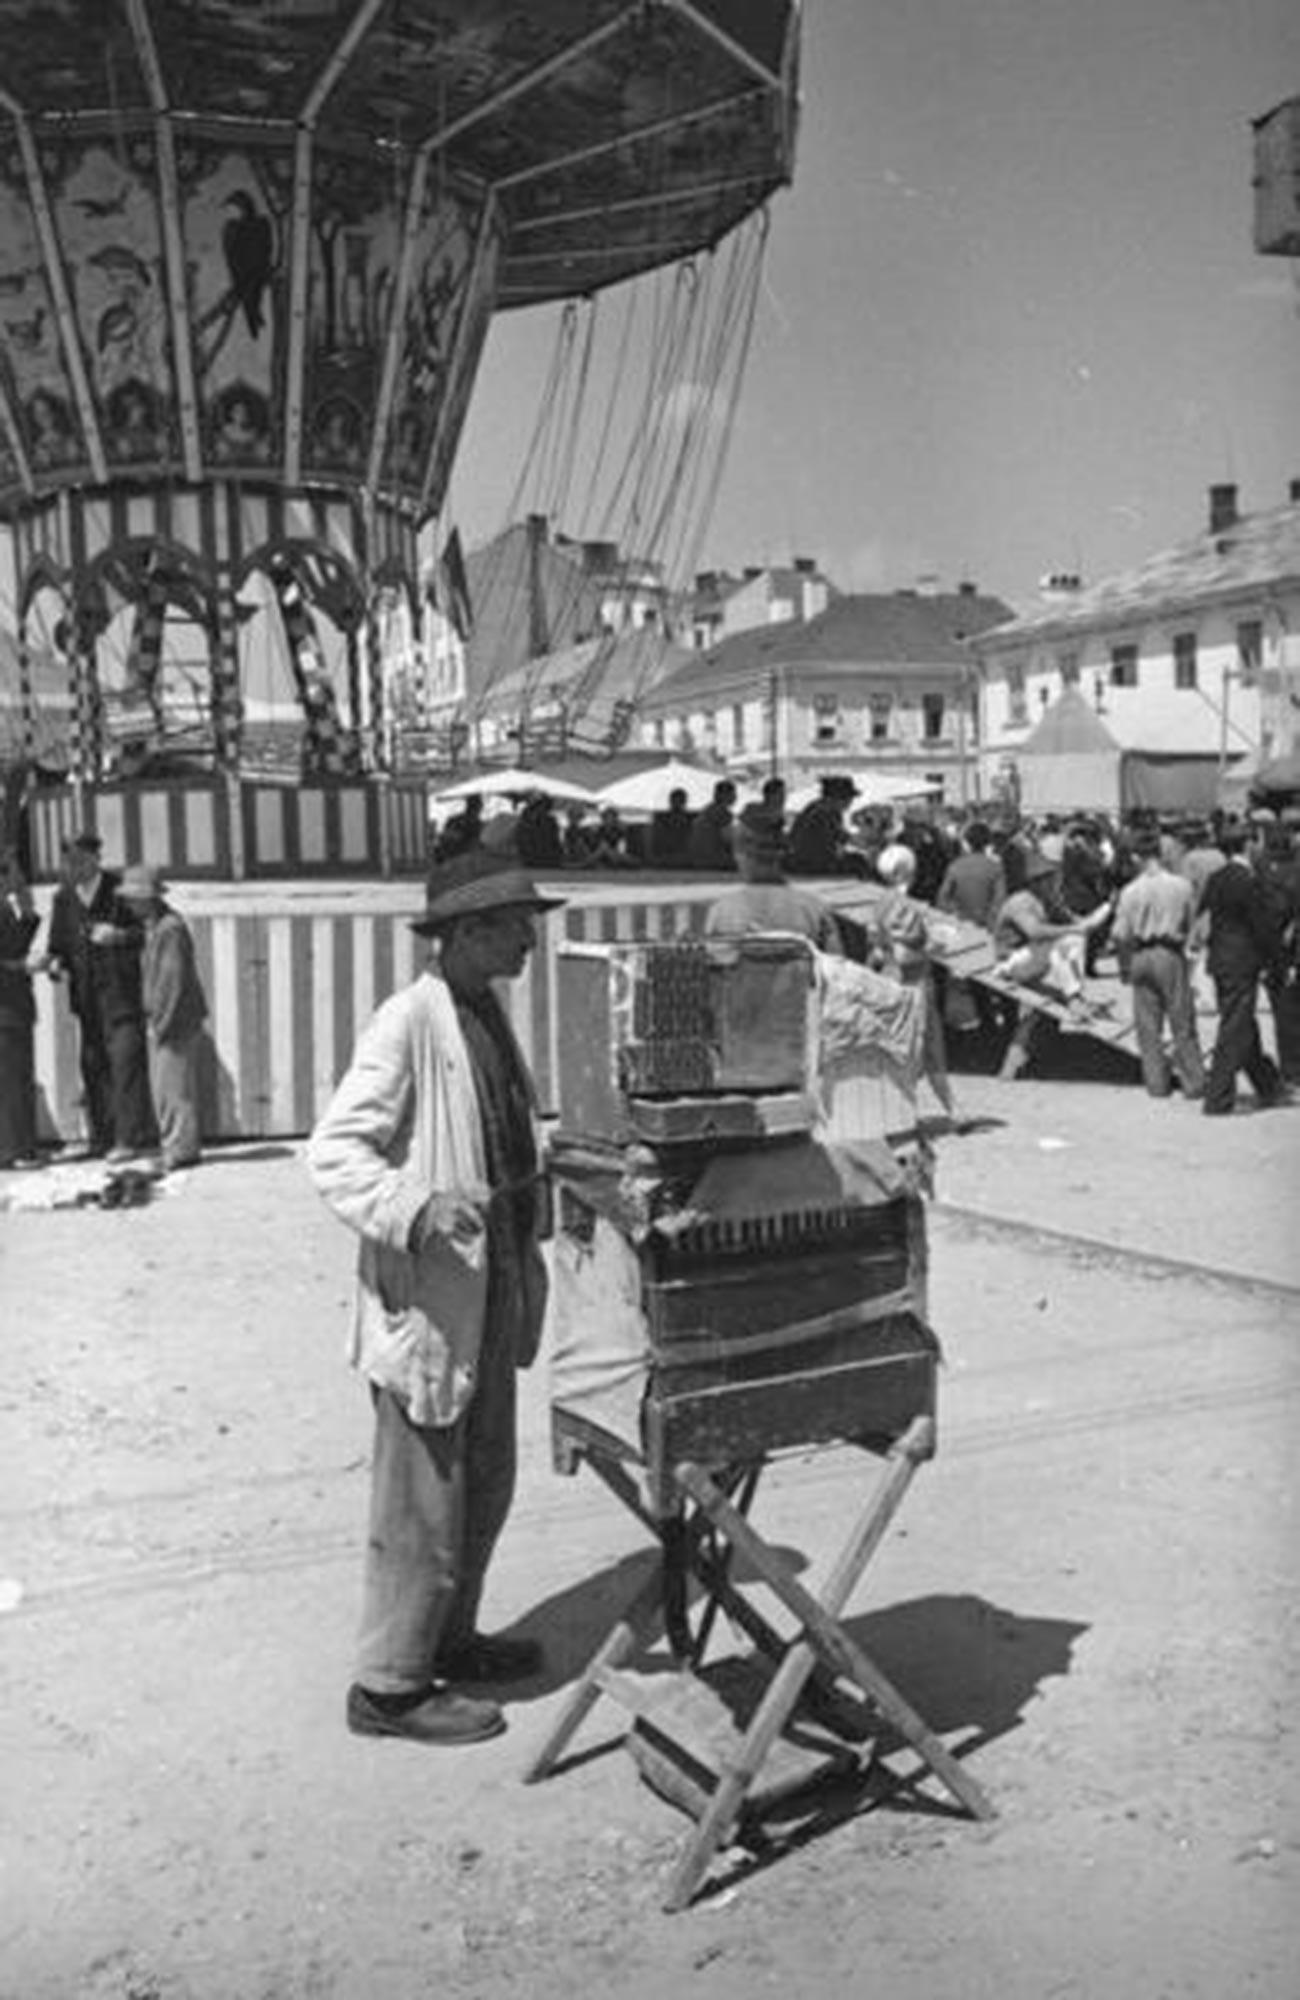 Шарманщик с попугаем на ярмарке в городе Черновицы, 1940